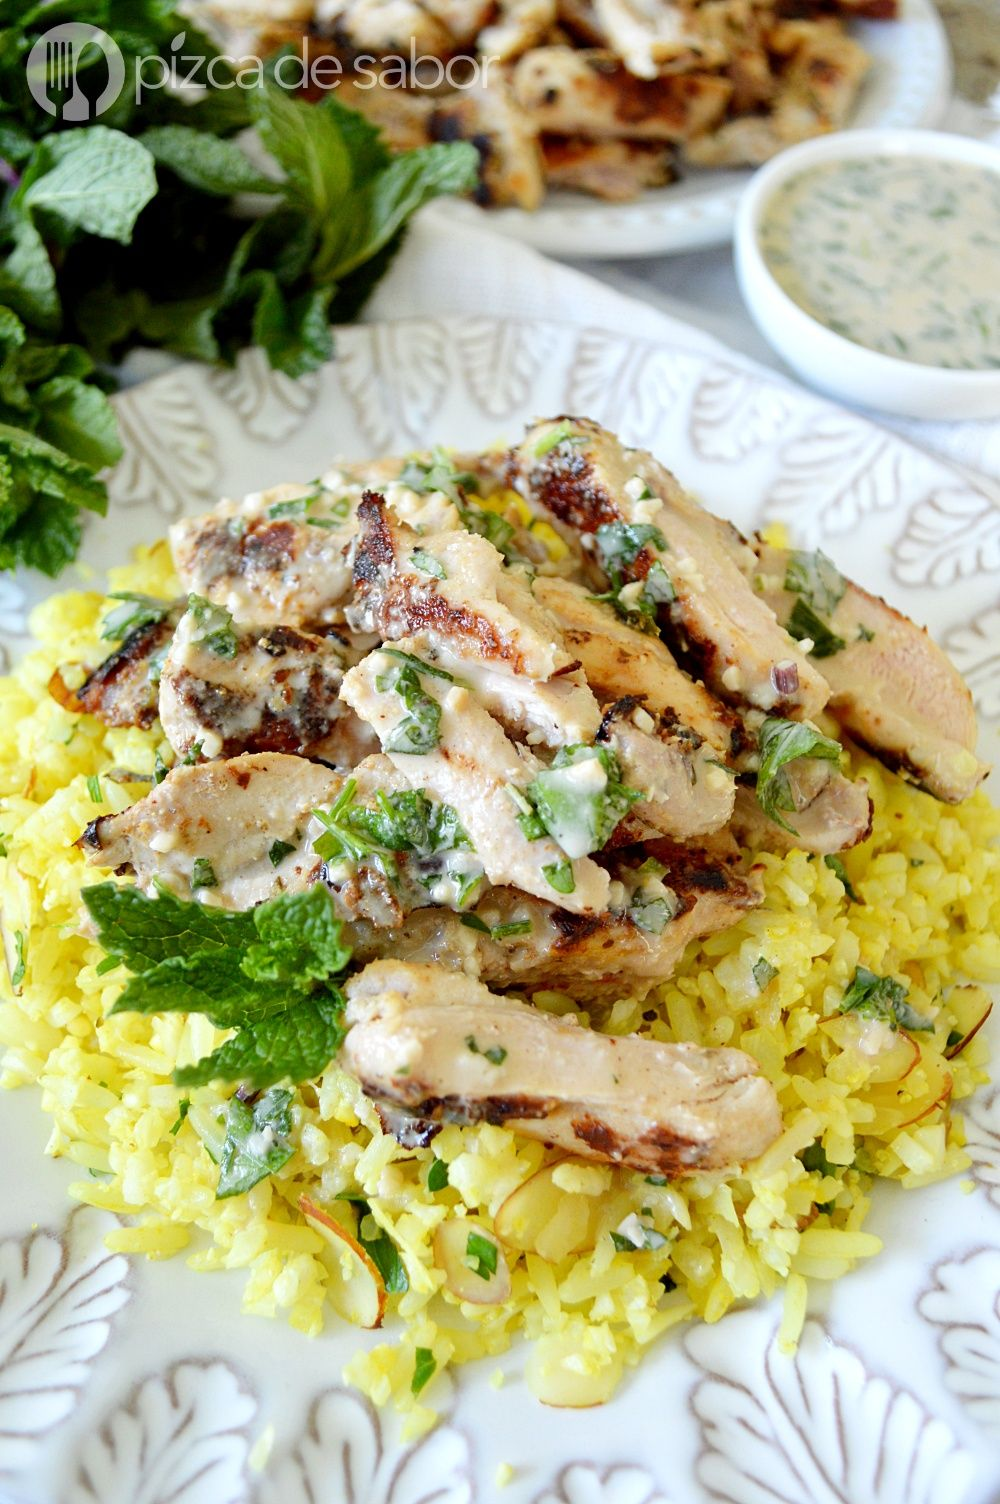 Pollo con salsa de tahini